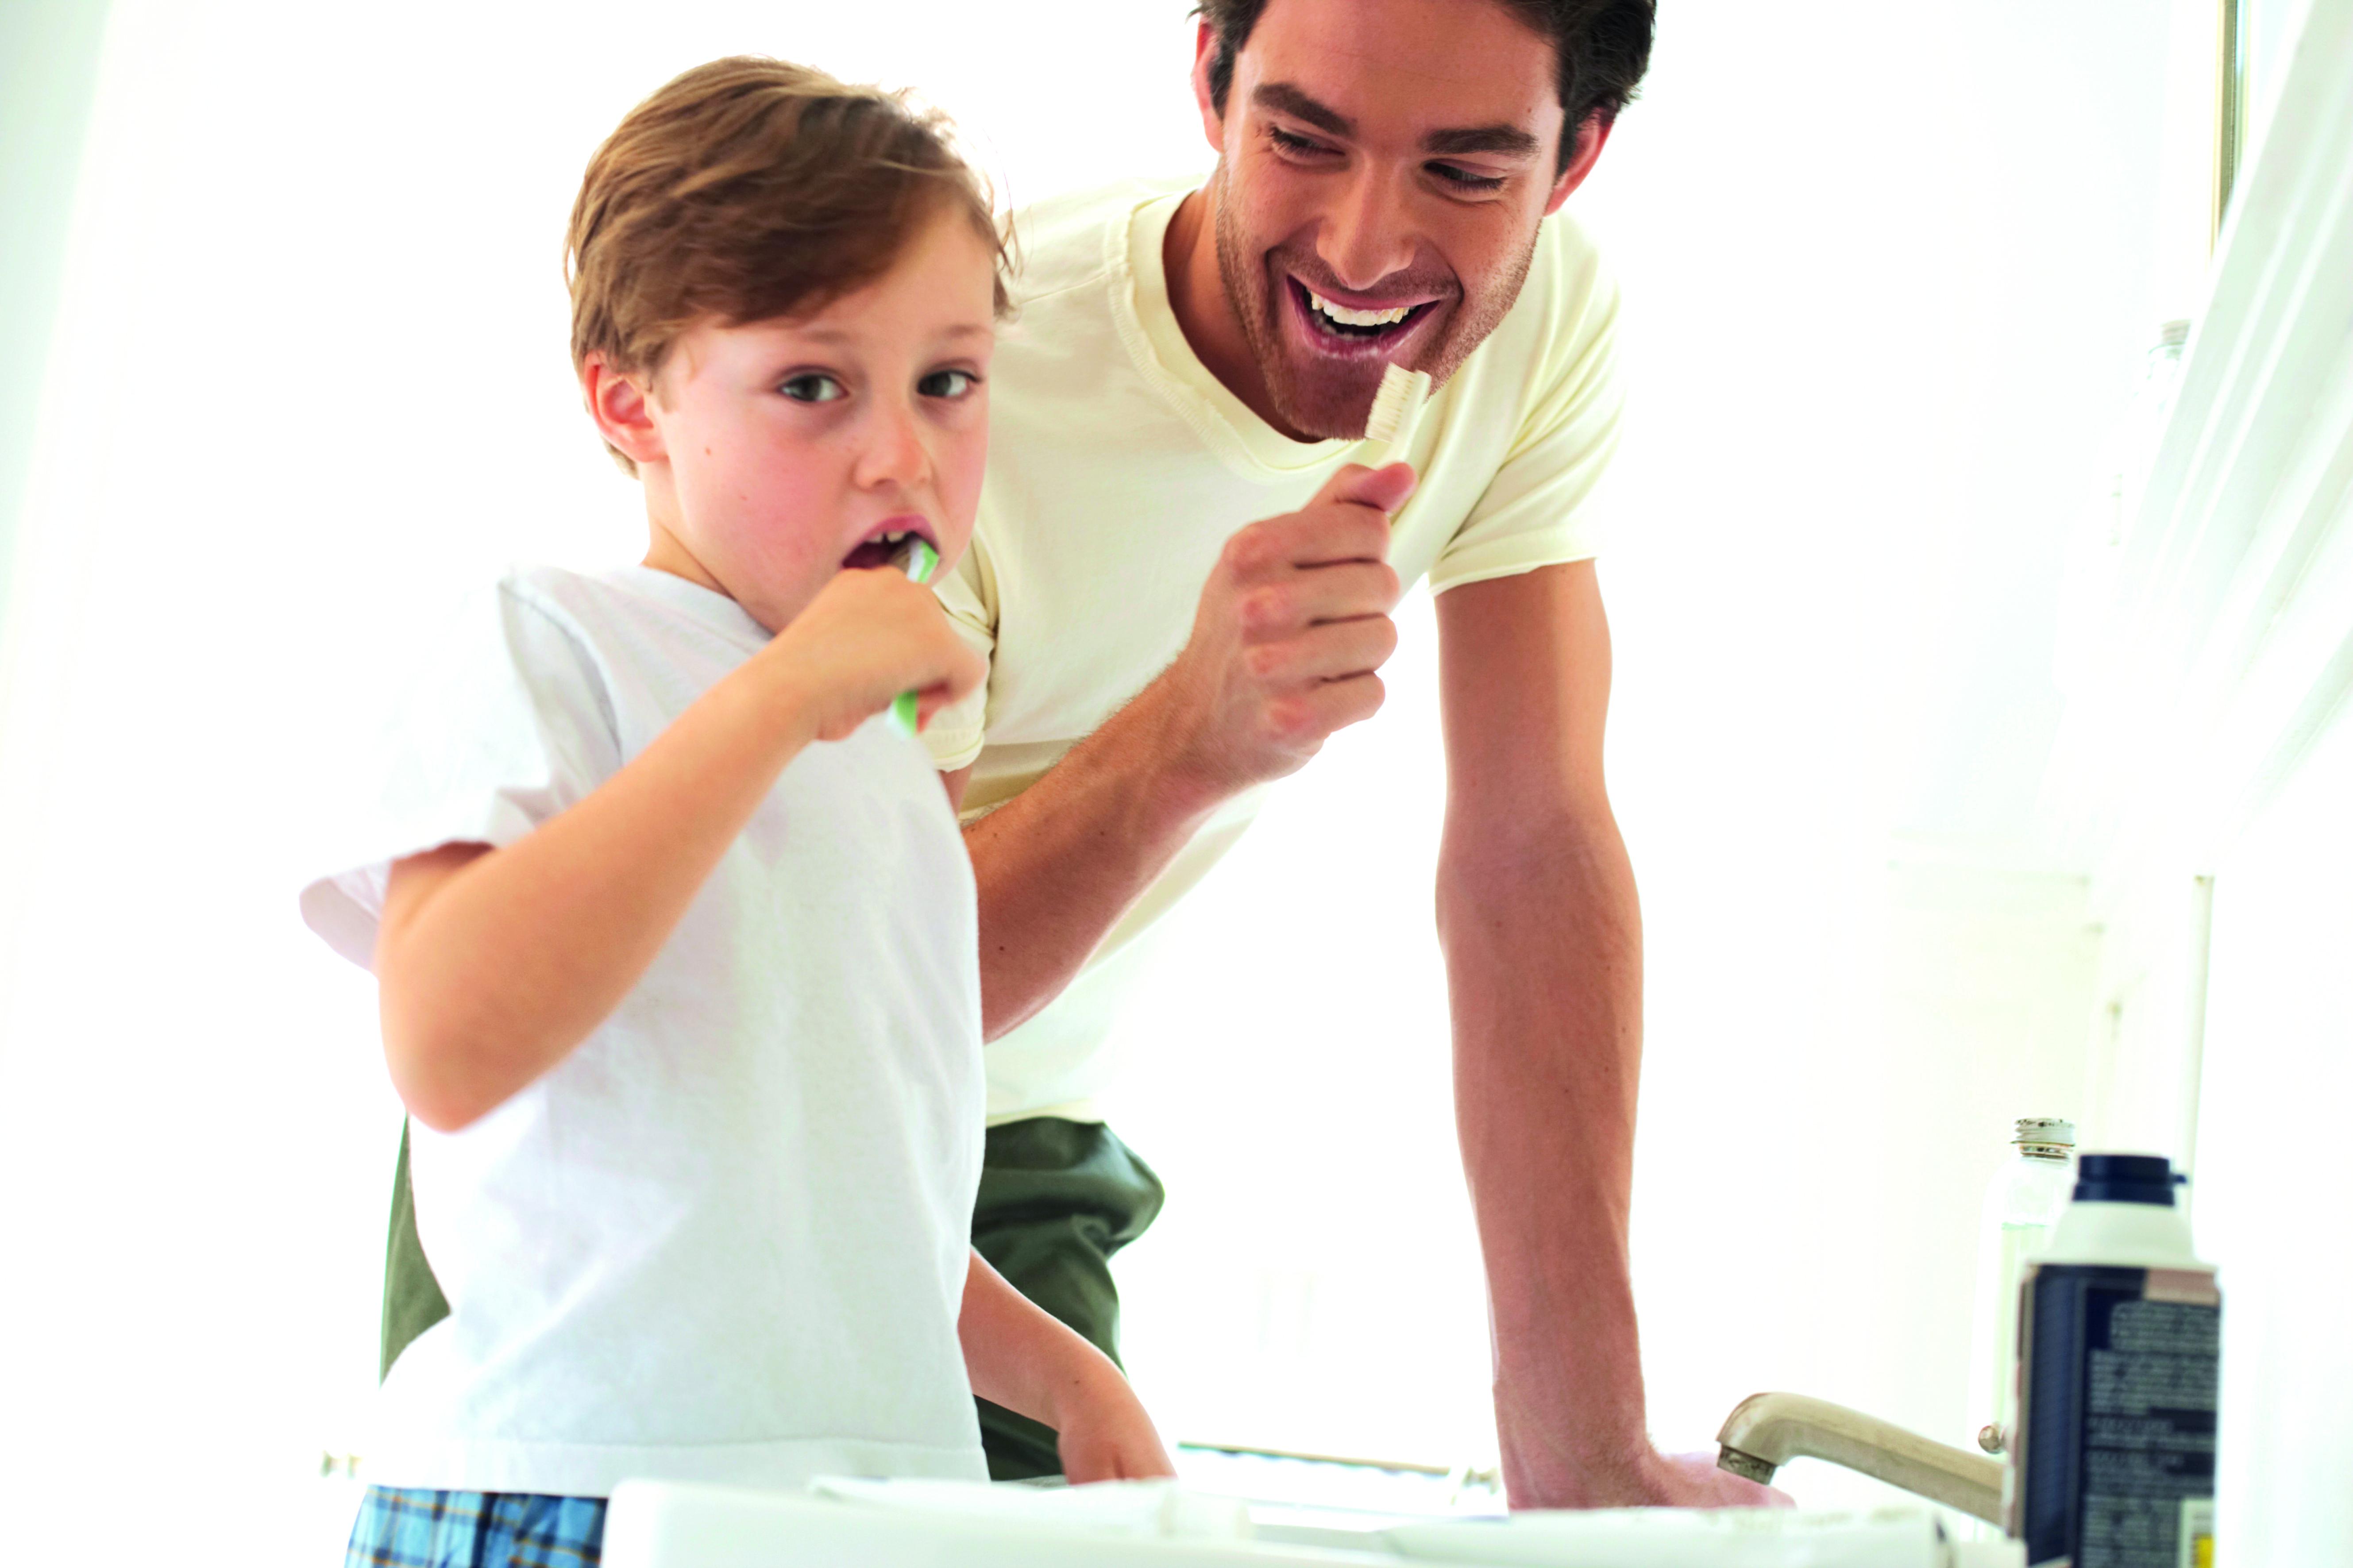 La higiene bucal en la infancia